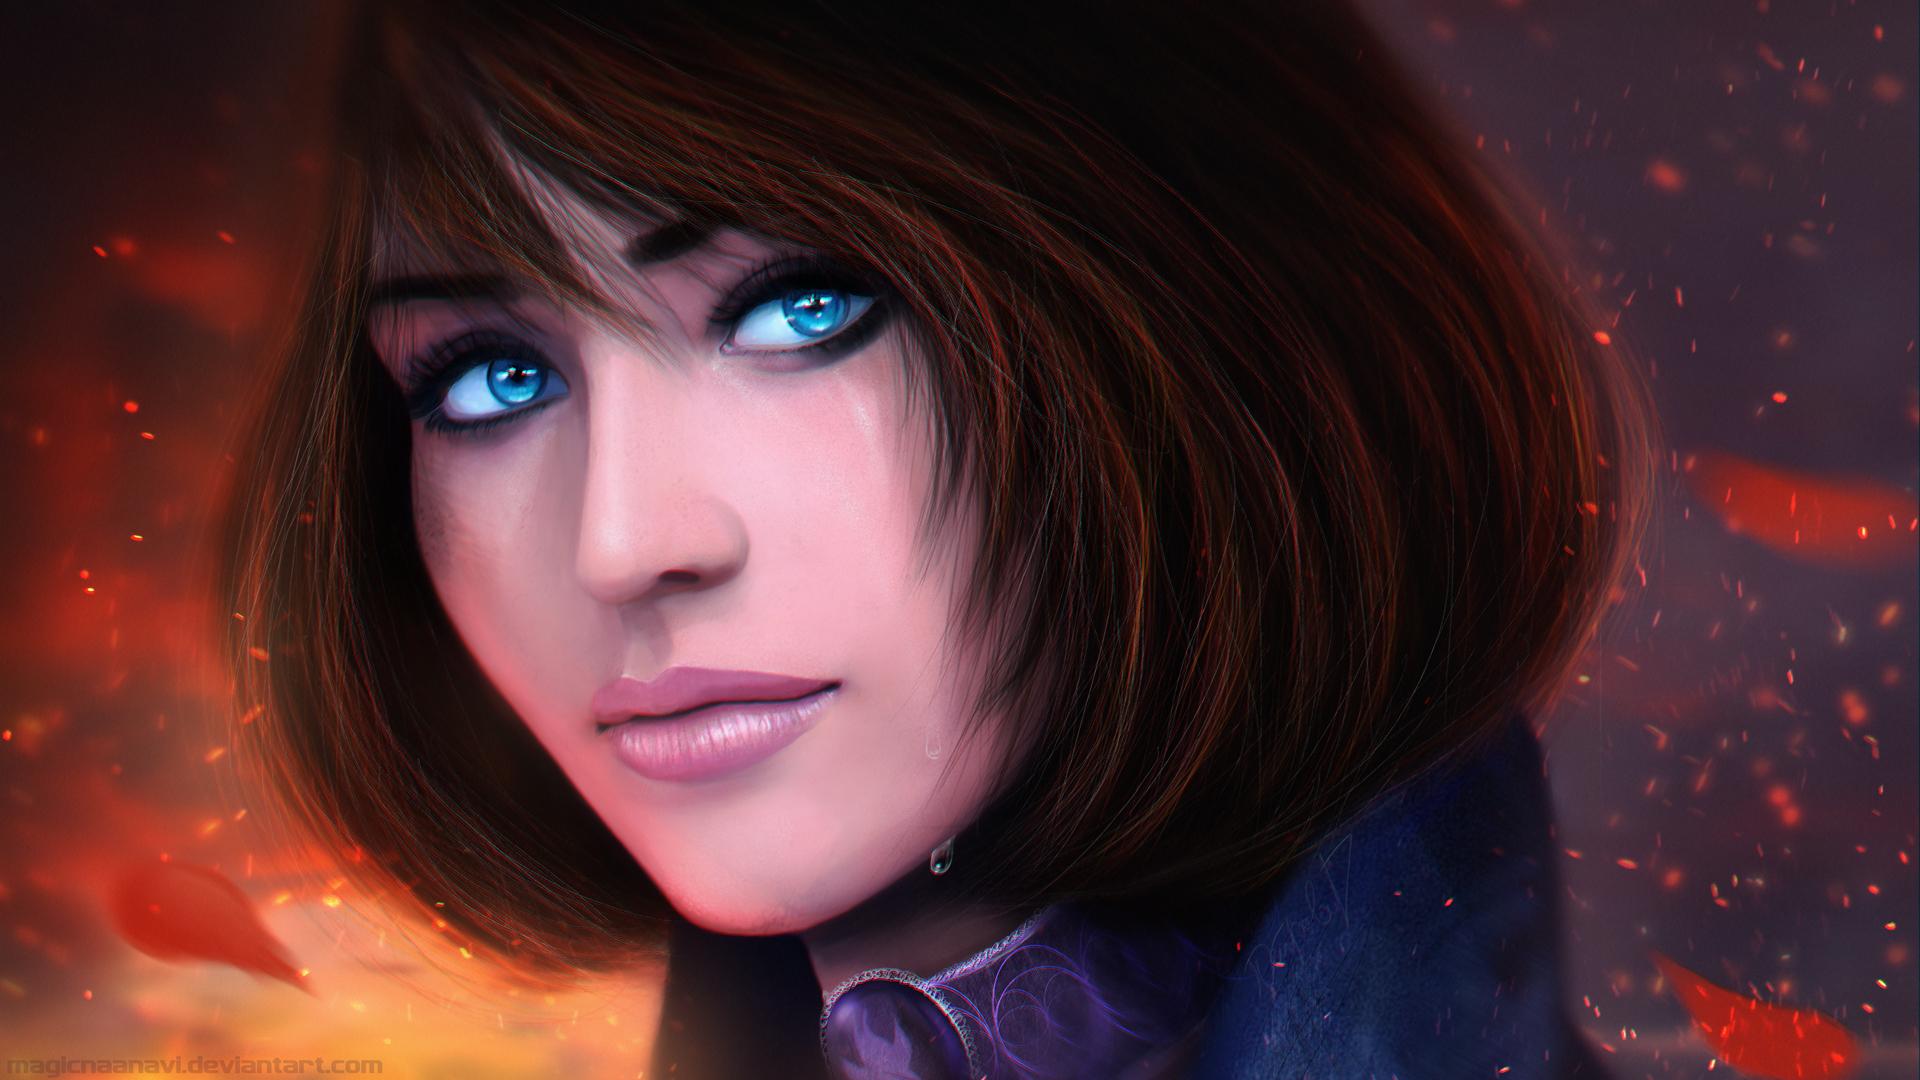 Elizabeth by MagicnaAnavi